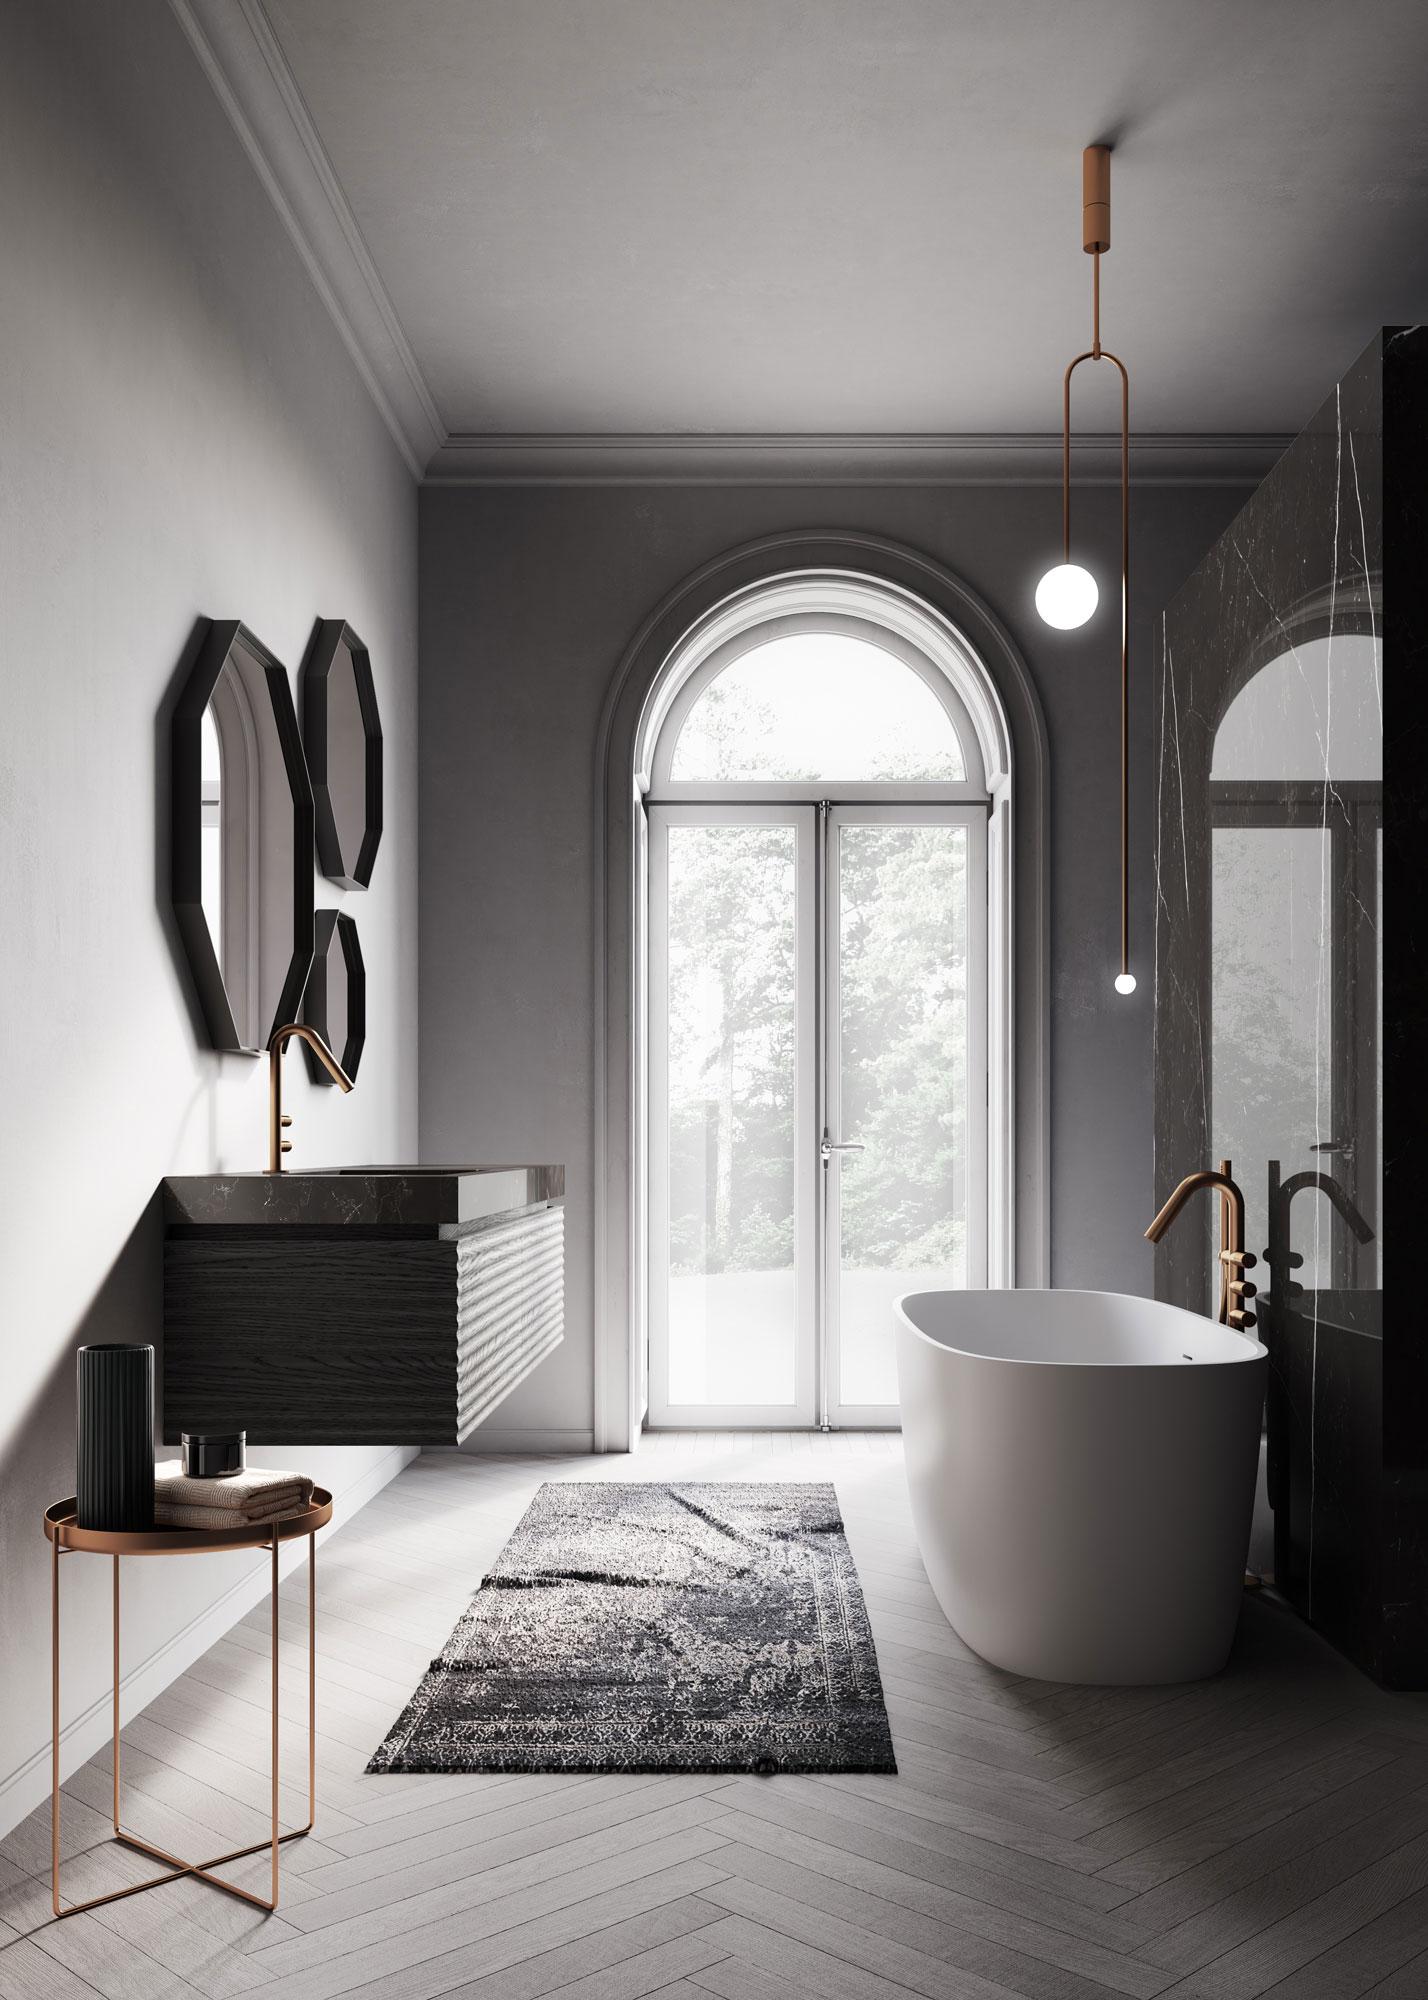 Ideagroup blog vivere il bagno consigli su arredo bagno - Lampadari per bagno ...